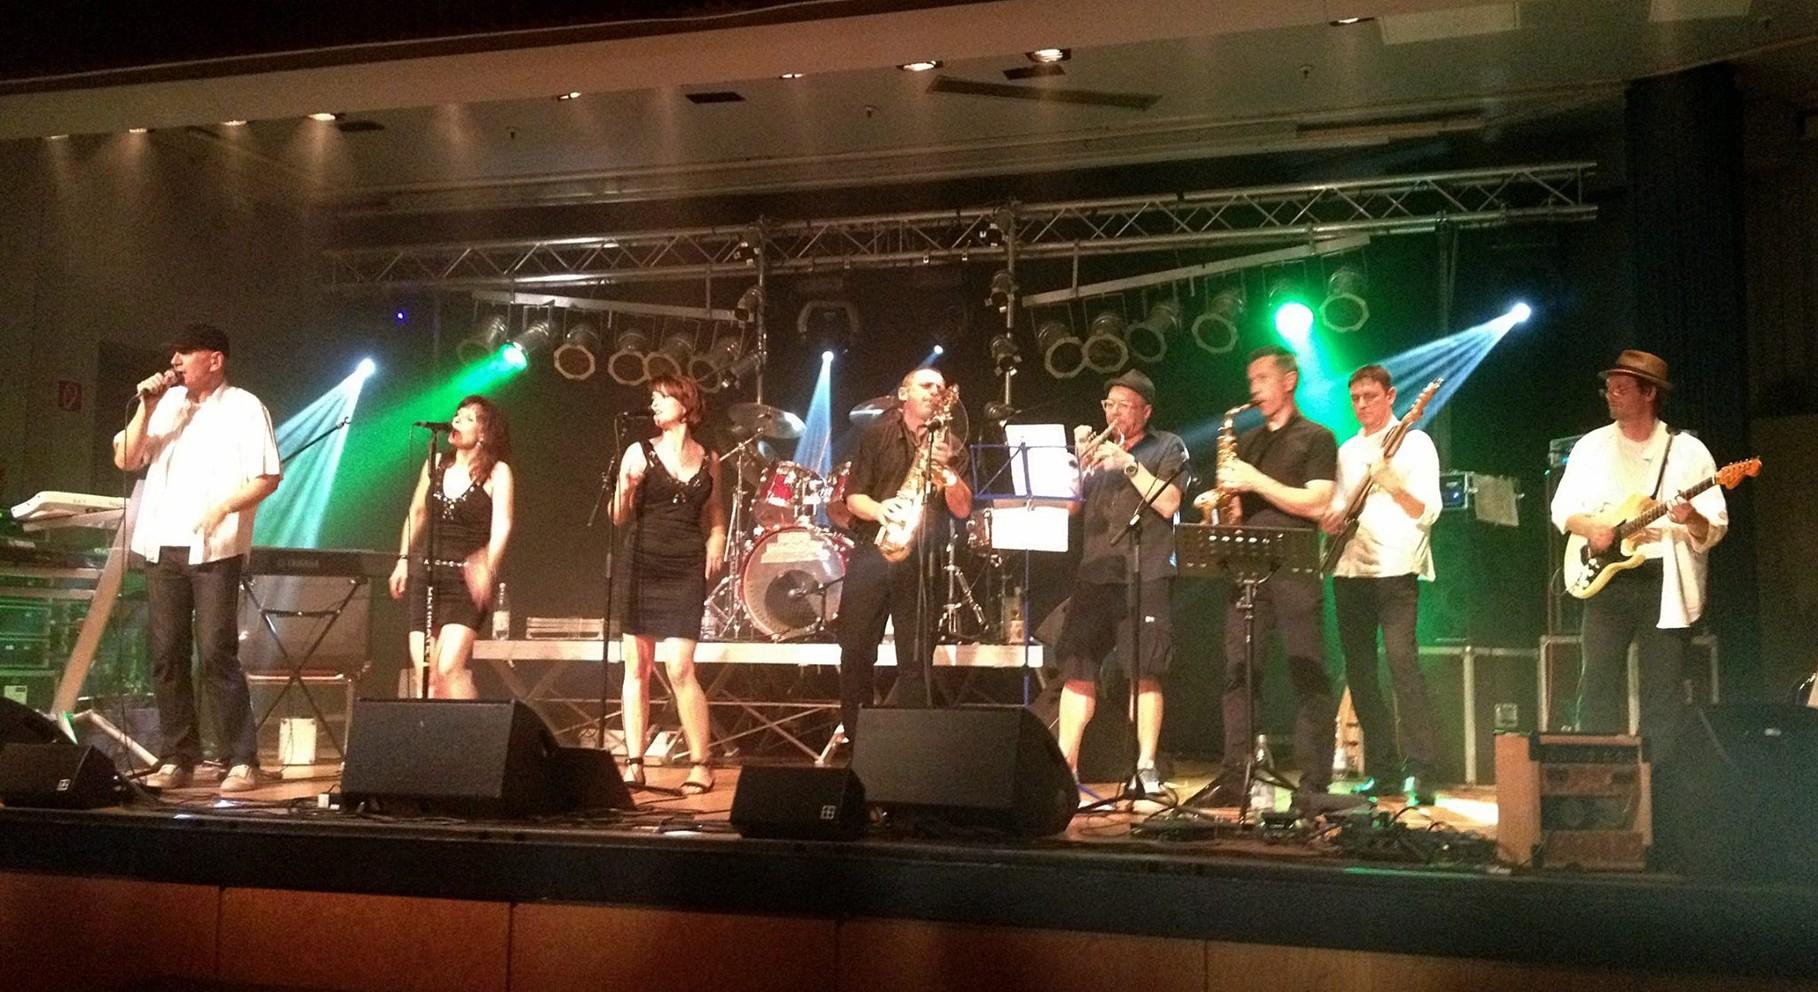 Auftritt beim Jubiläumsfest 125 Jahre TSV Dudenhofen, 7. Juni 2014